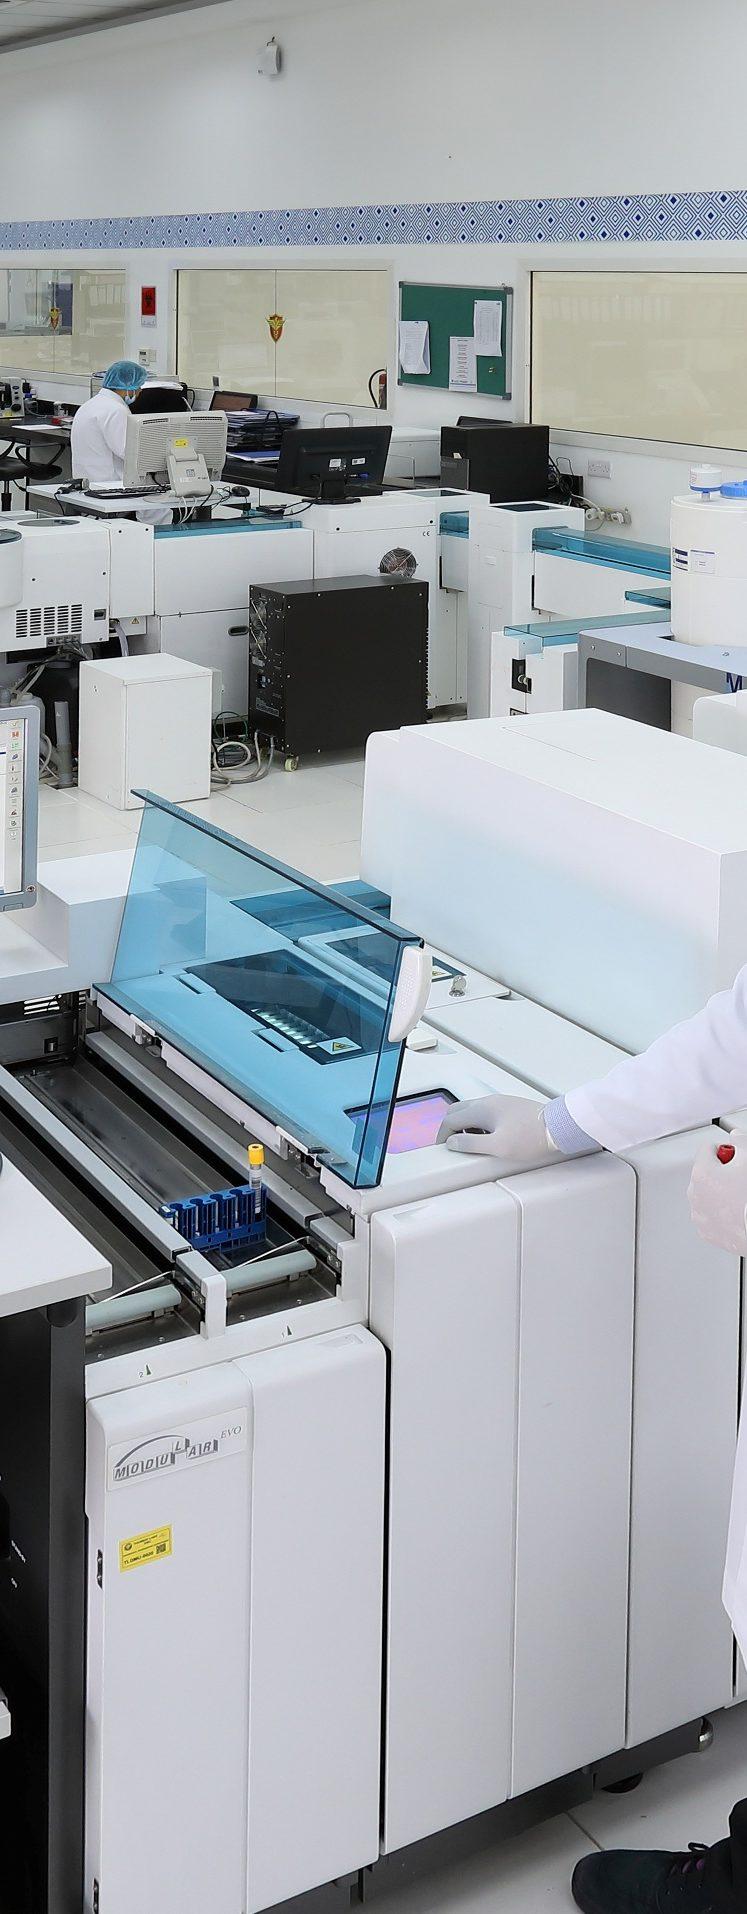 مختبرات ثومبي تطلق اختبارات الأجسام المضادة لكوفيد-19 بتكلفة في متناول الجميع في الإمارات العربية المتحدة